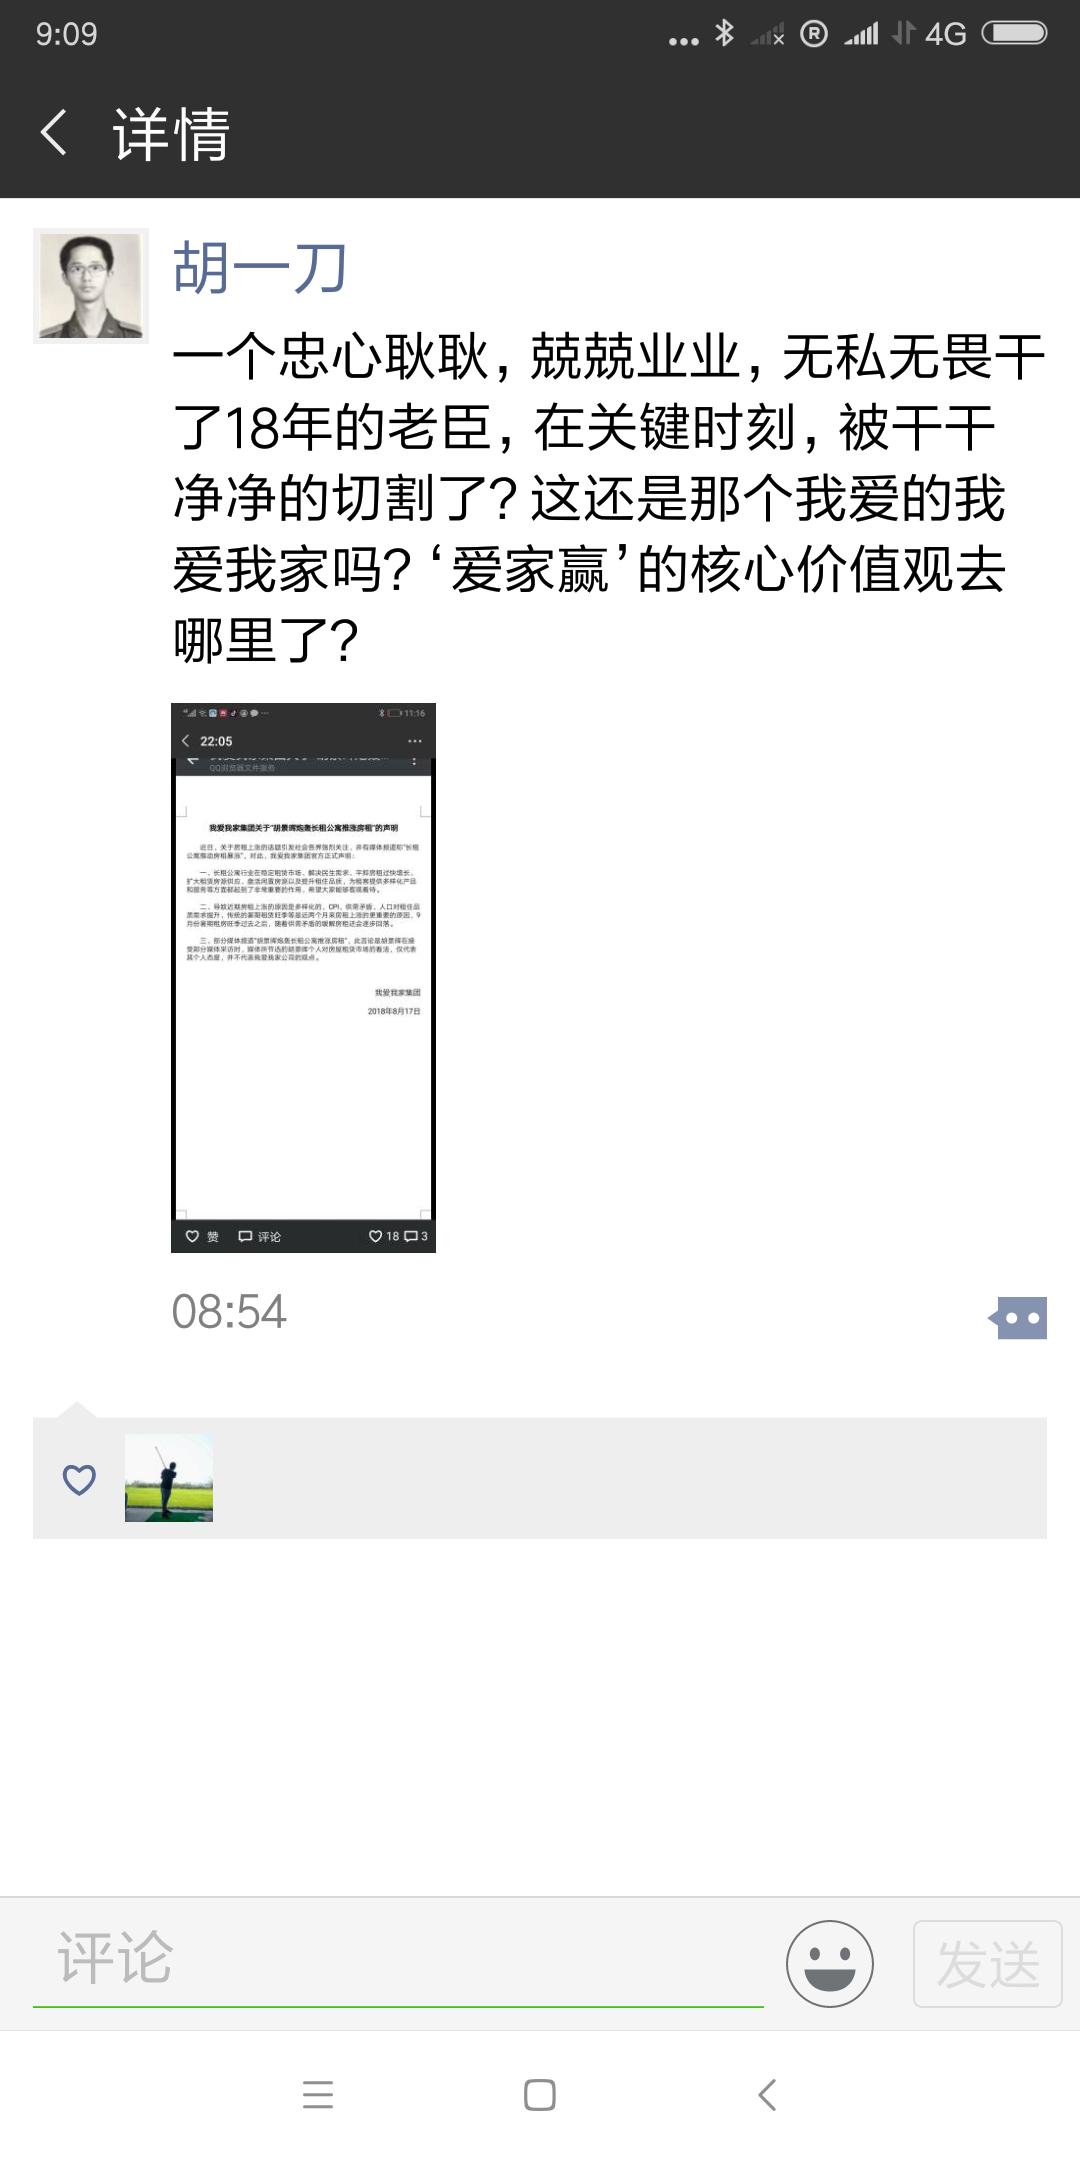 胡景晖辞职辞职怎么回事?胡景晖朋友圈发文另有所指?